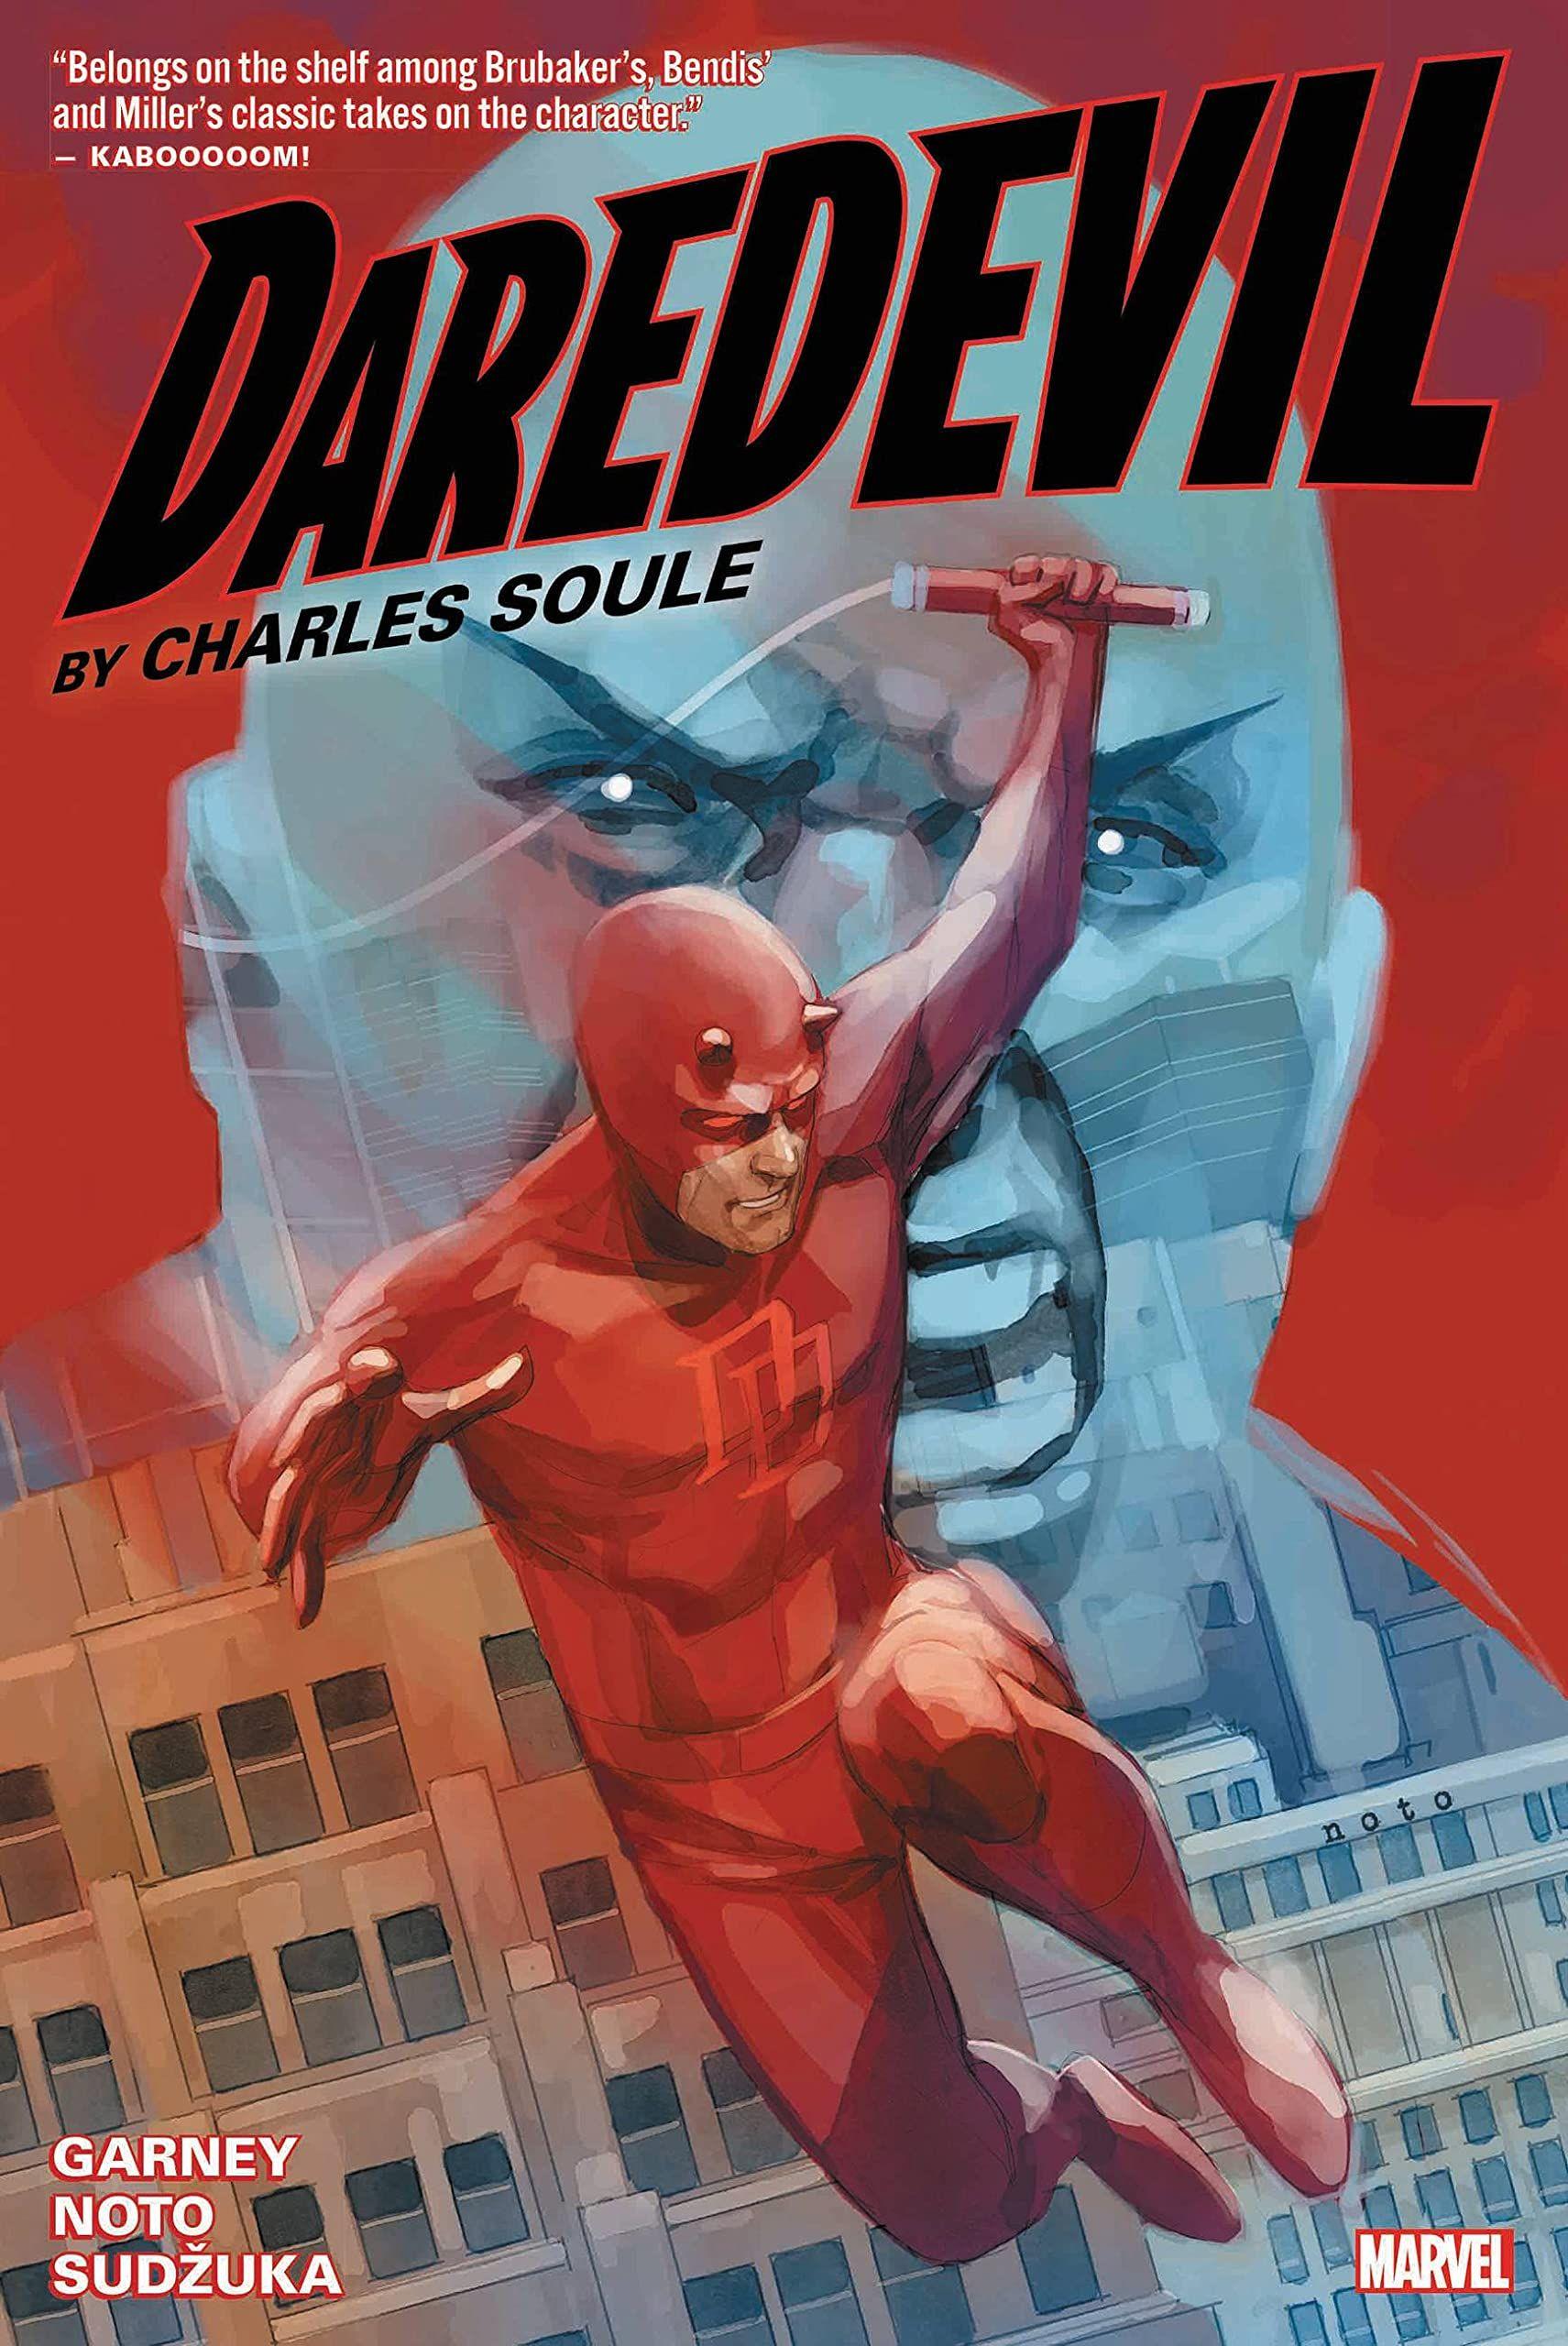 Daredevil By Charles Soule Omnibus